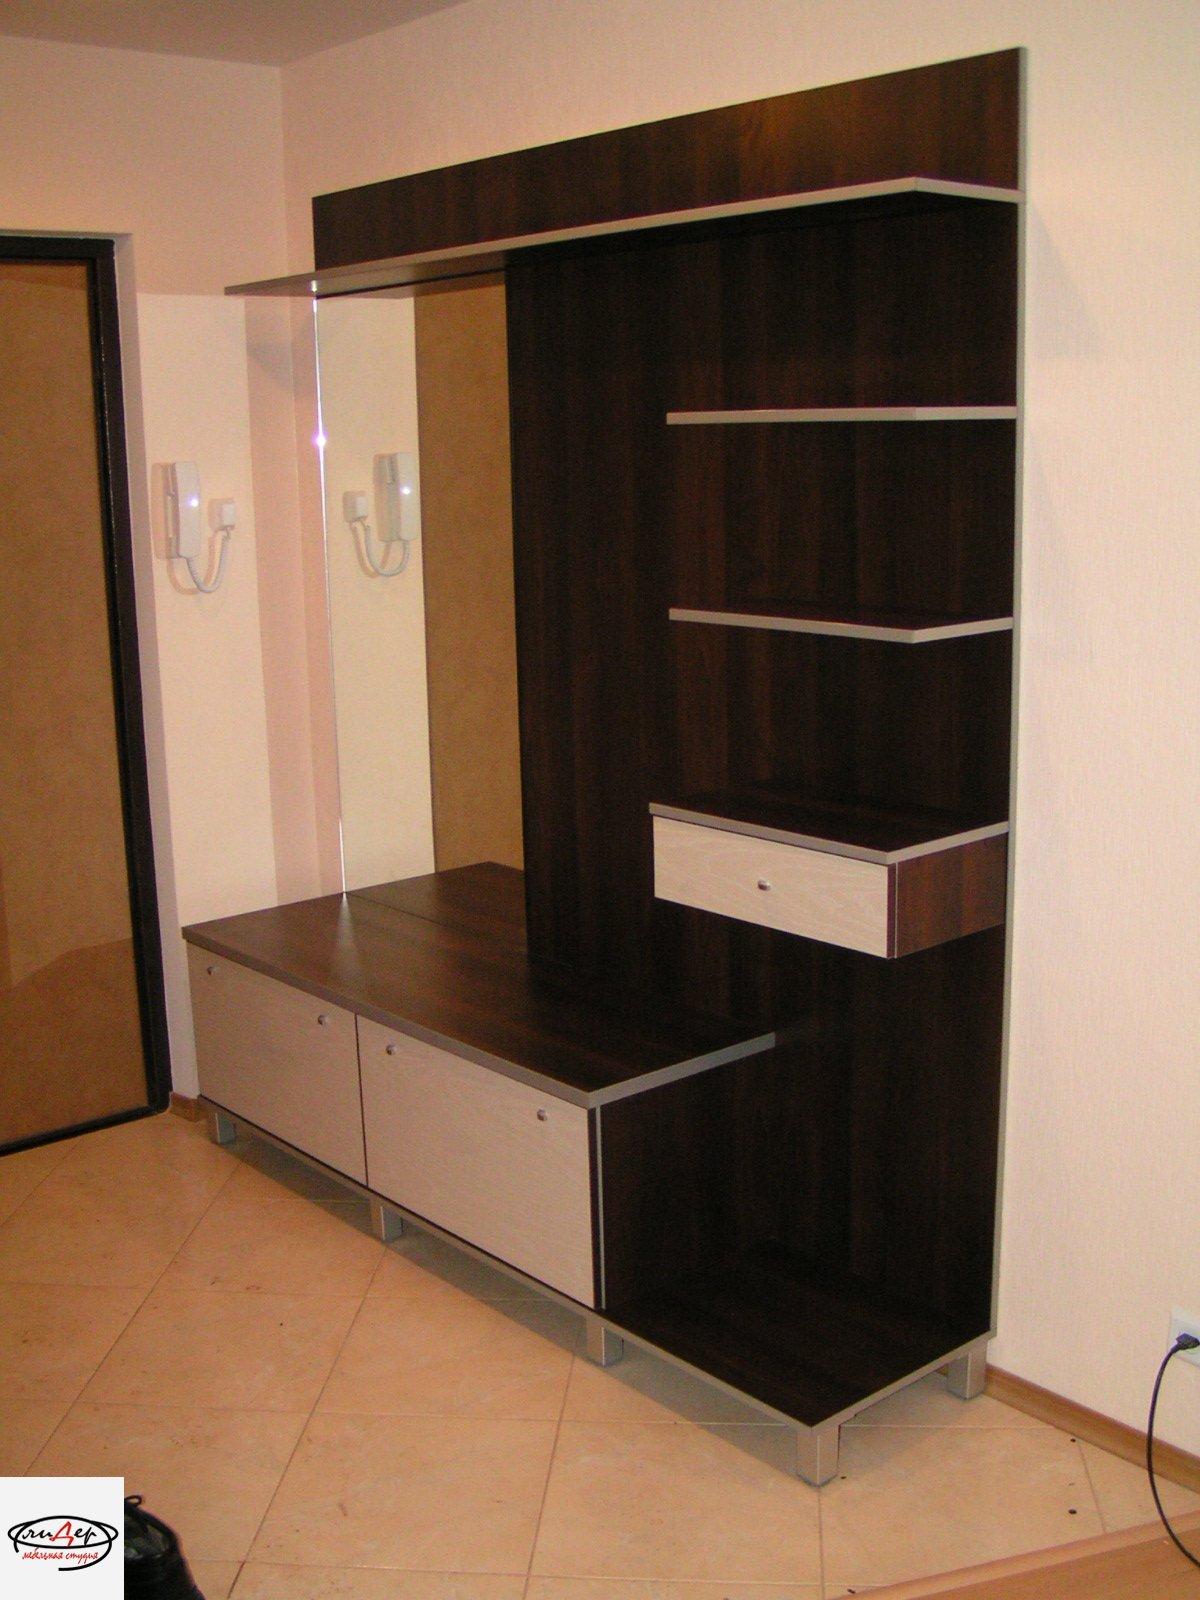 Купить прихожую в луганске - прихожая мебель под заказ. фото.